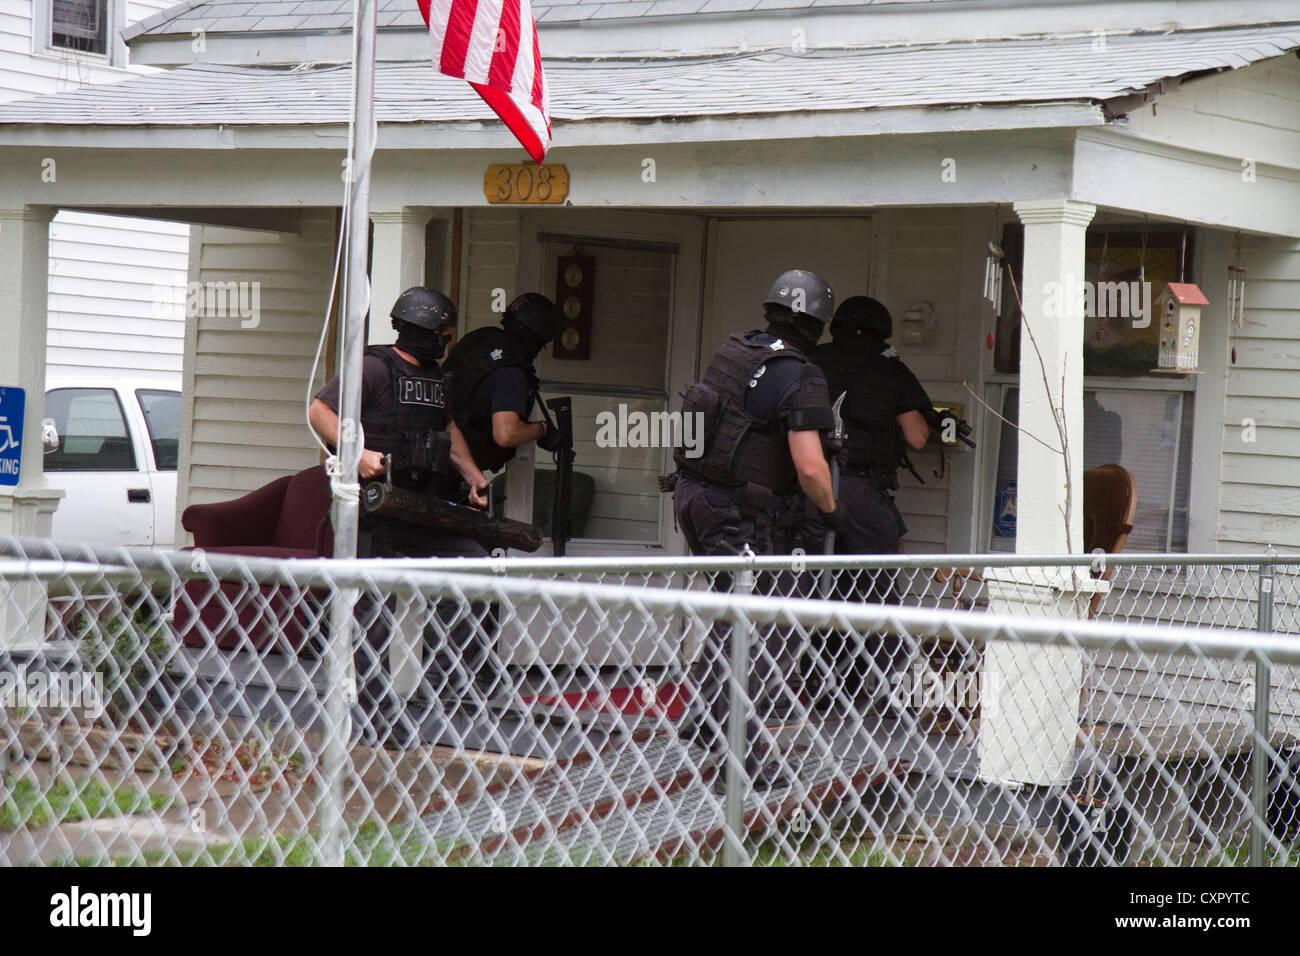 L'équipe tactique de la police au service des stupéfiants à haut risque de perquisition. Photo Stock